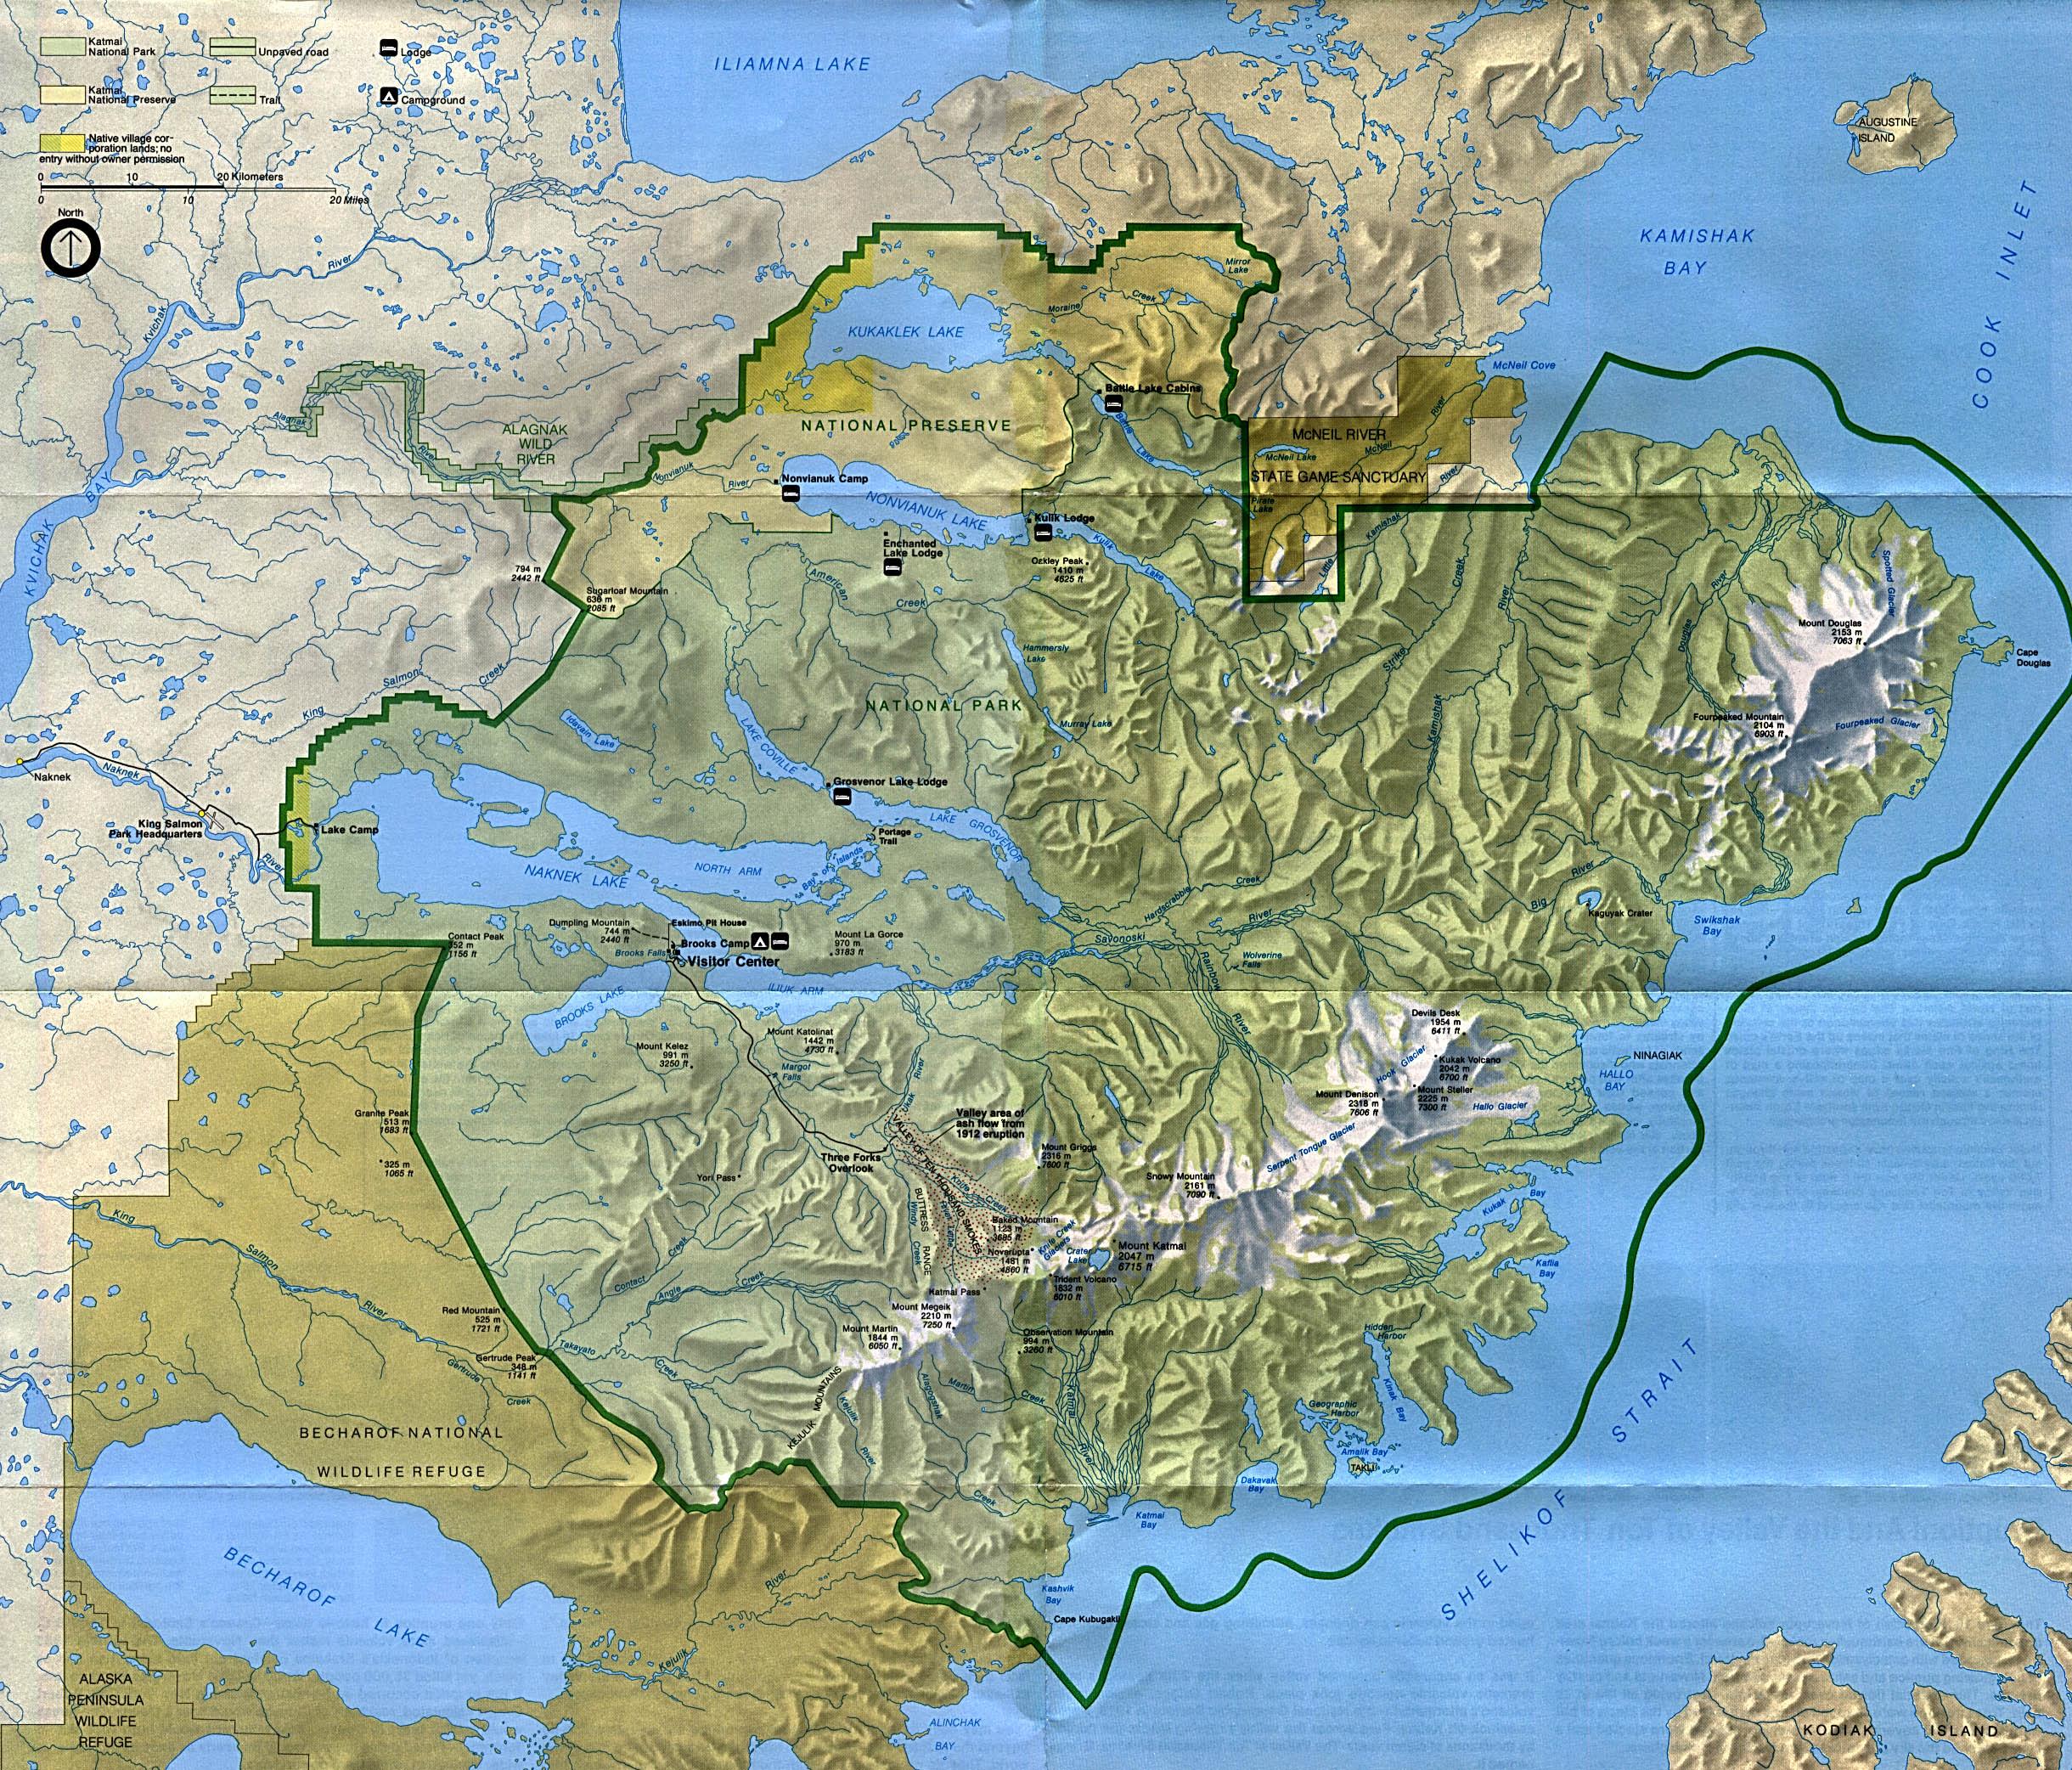 Mapa del Parque Nacional y Reserva Natural de Katmai, Alaska, Estados Unidos